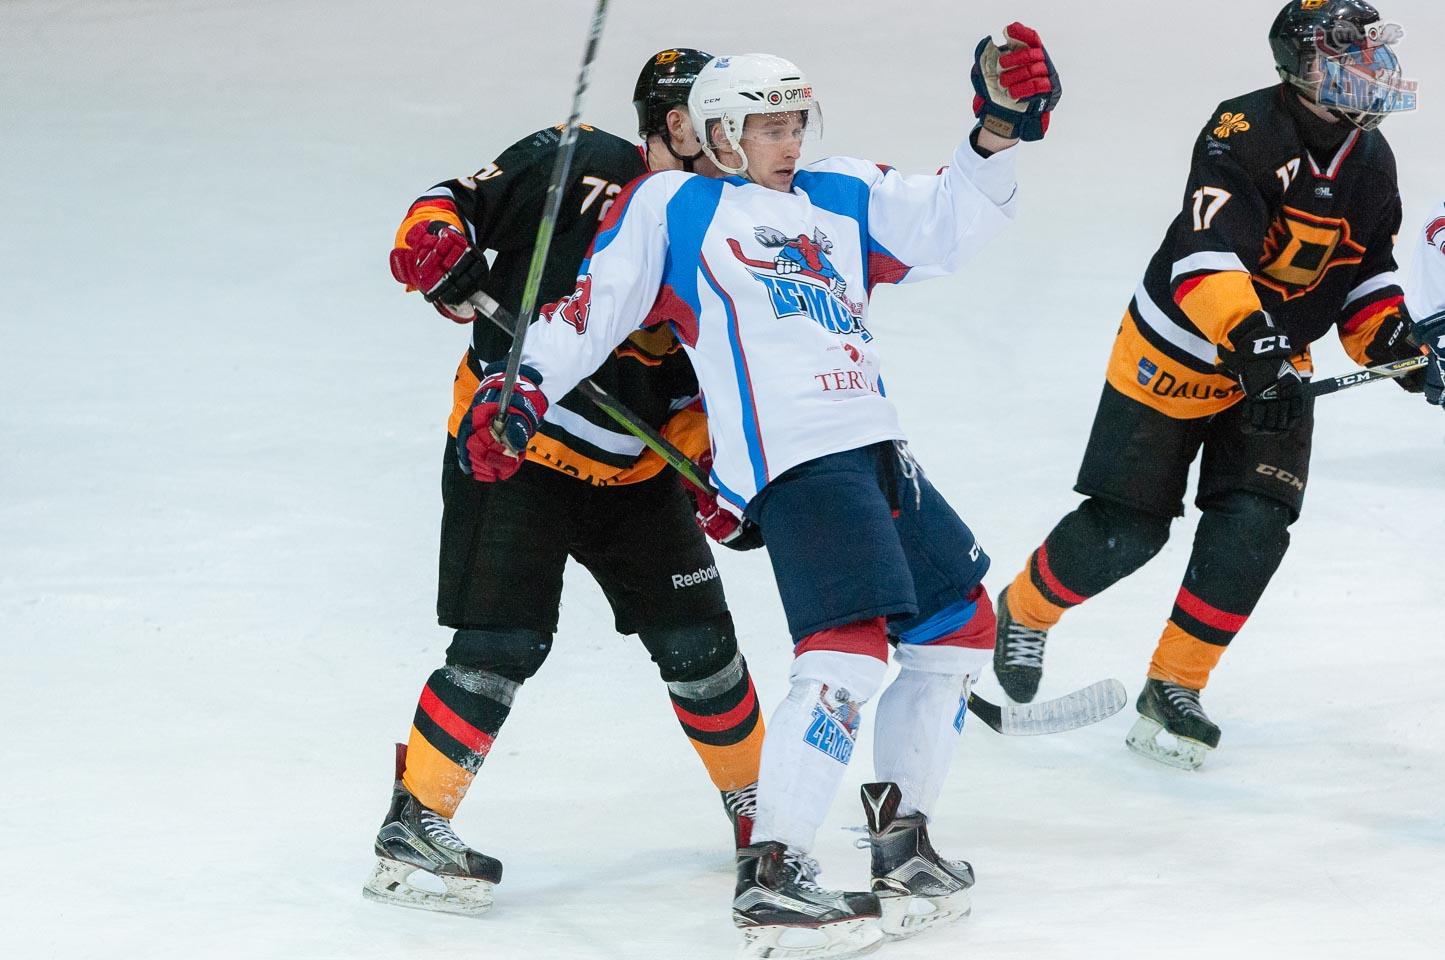 Hokeja aizsargs iegrūž pretiniekam no aizmugures